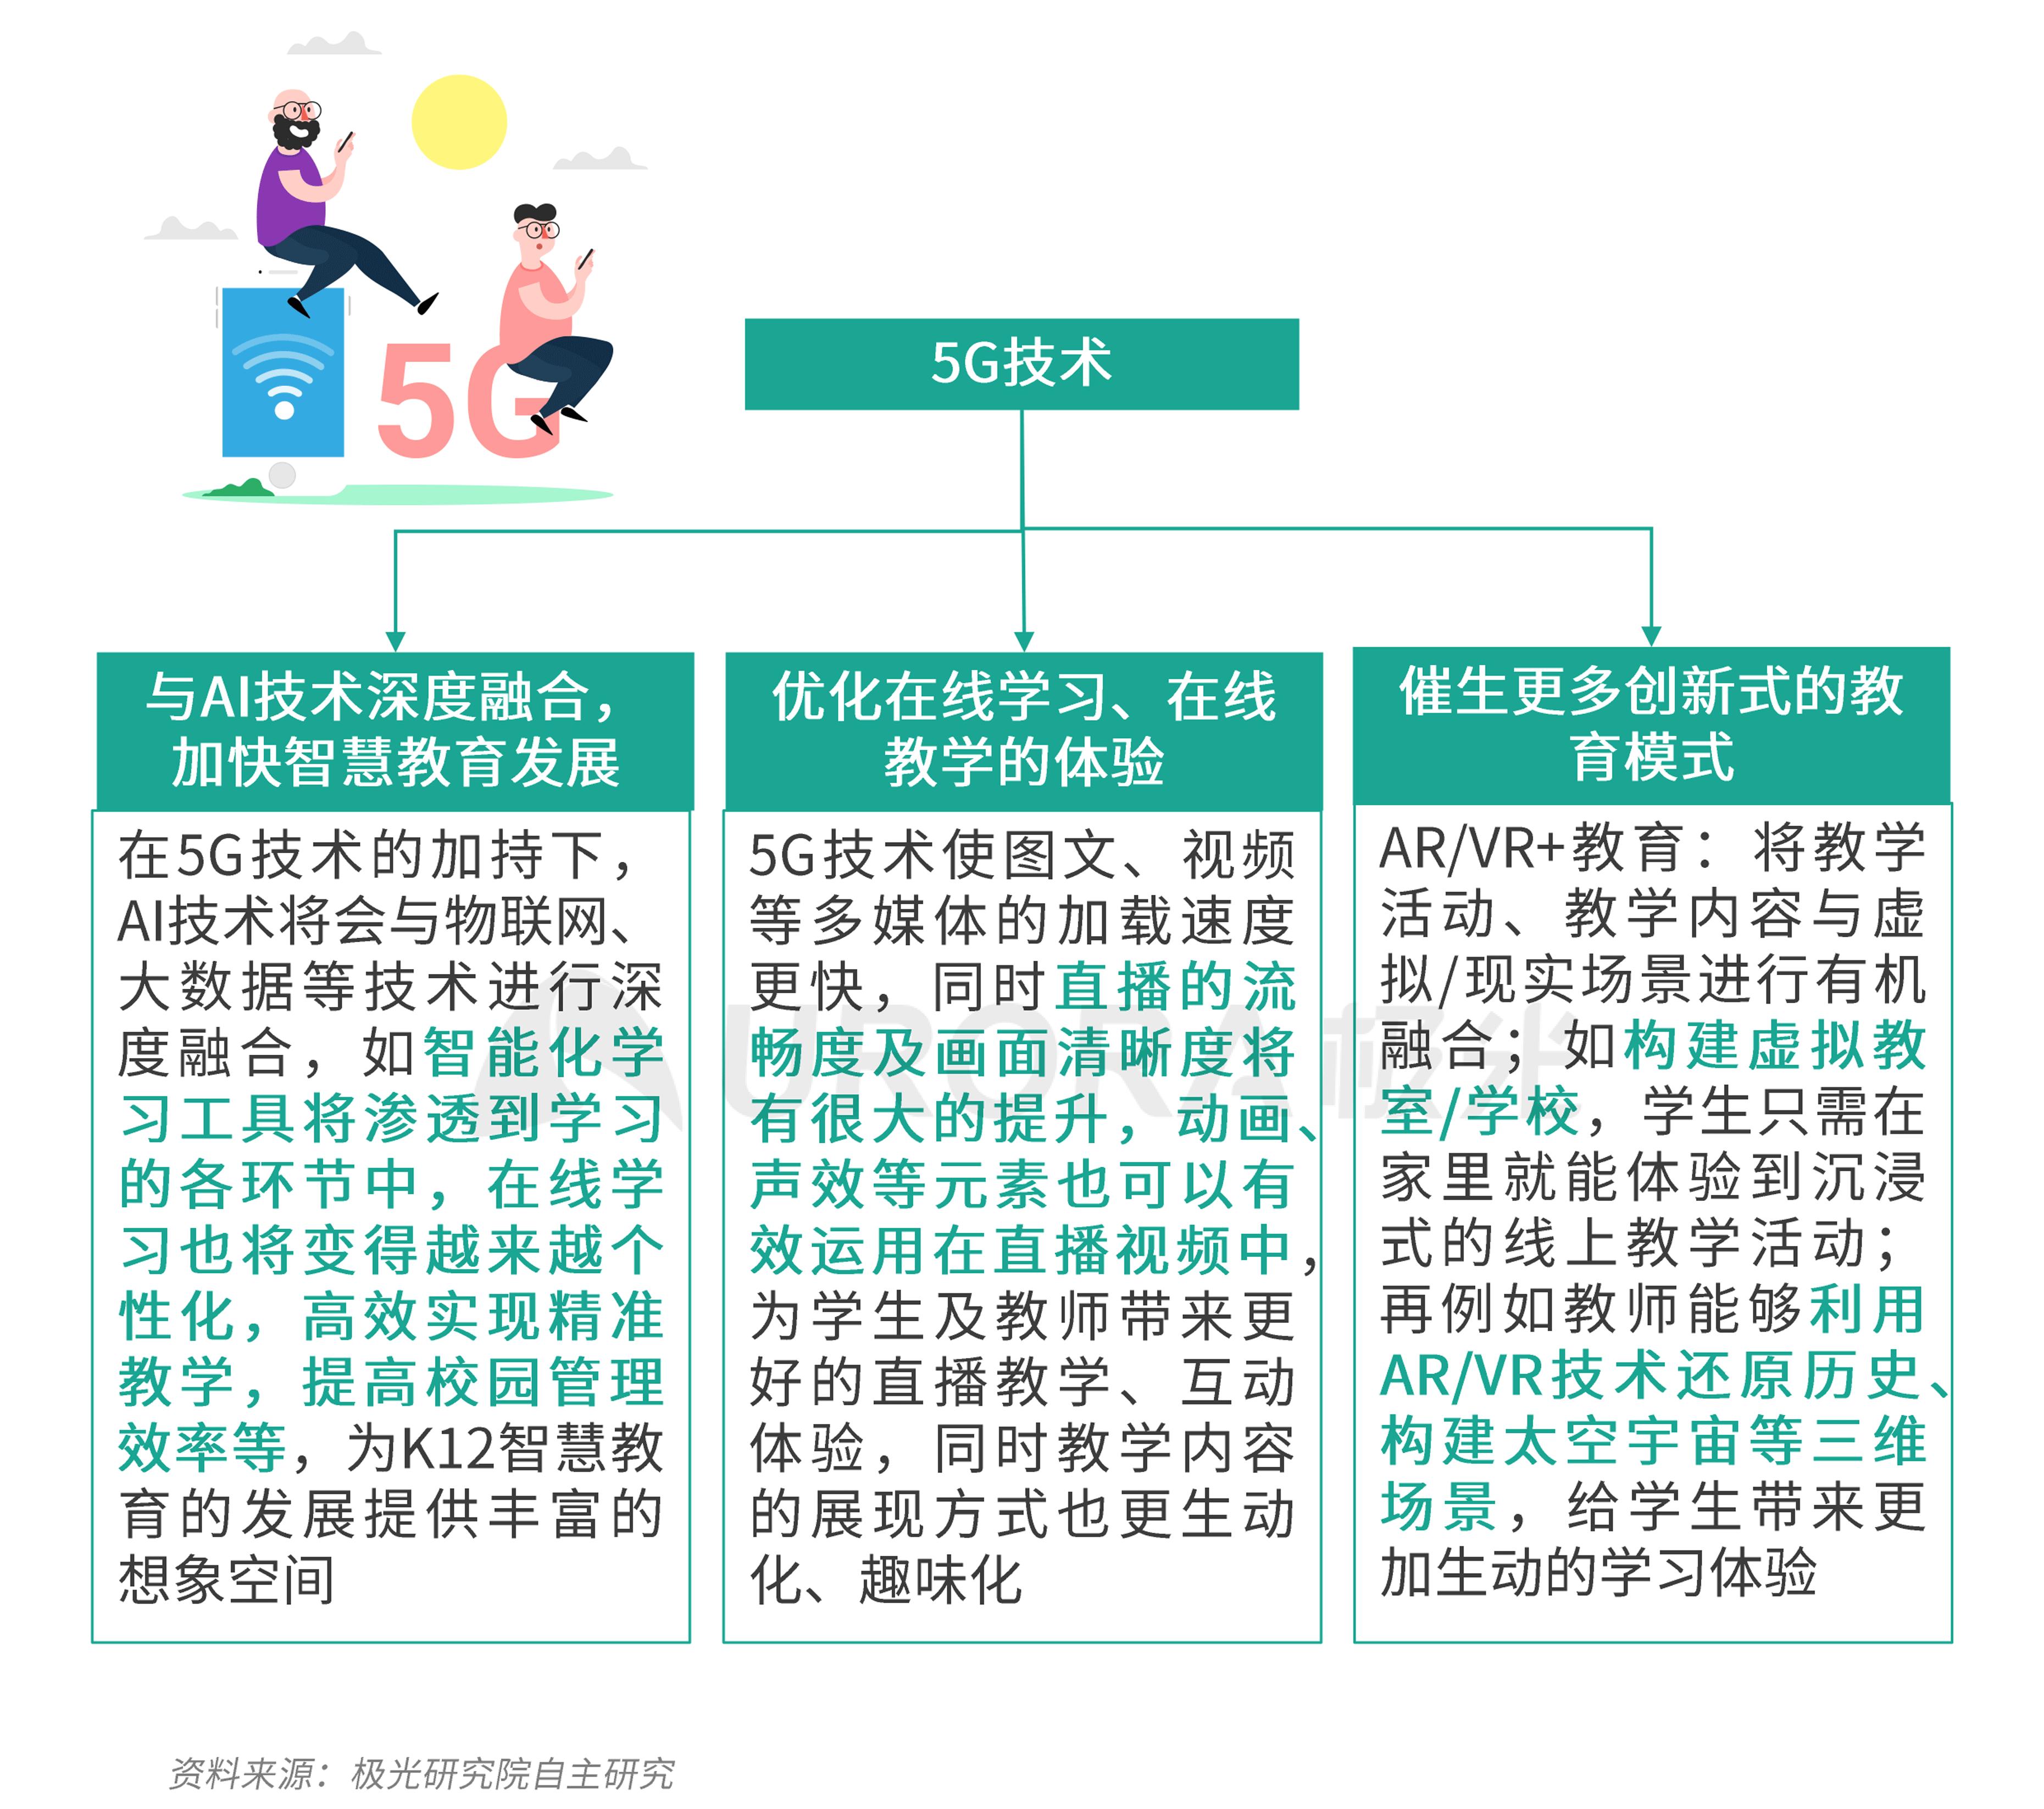 极光:K12教育报告 (24).png